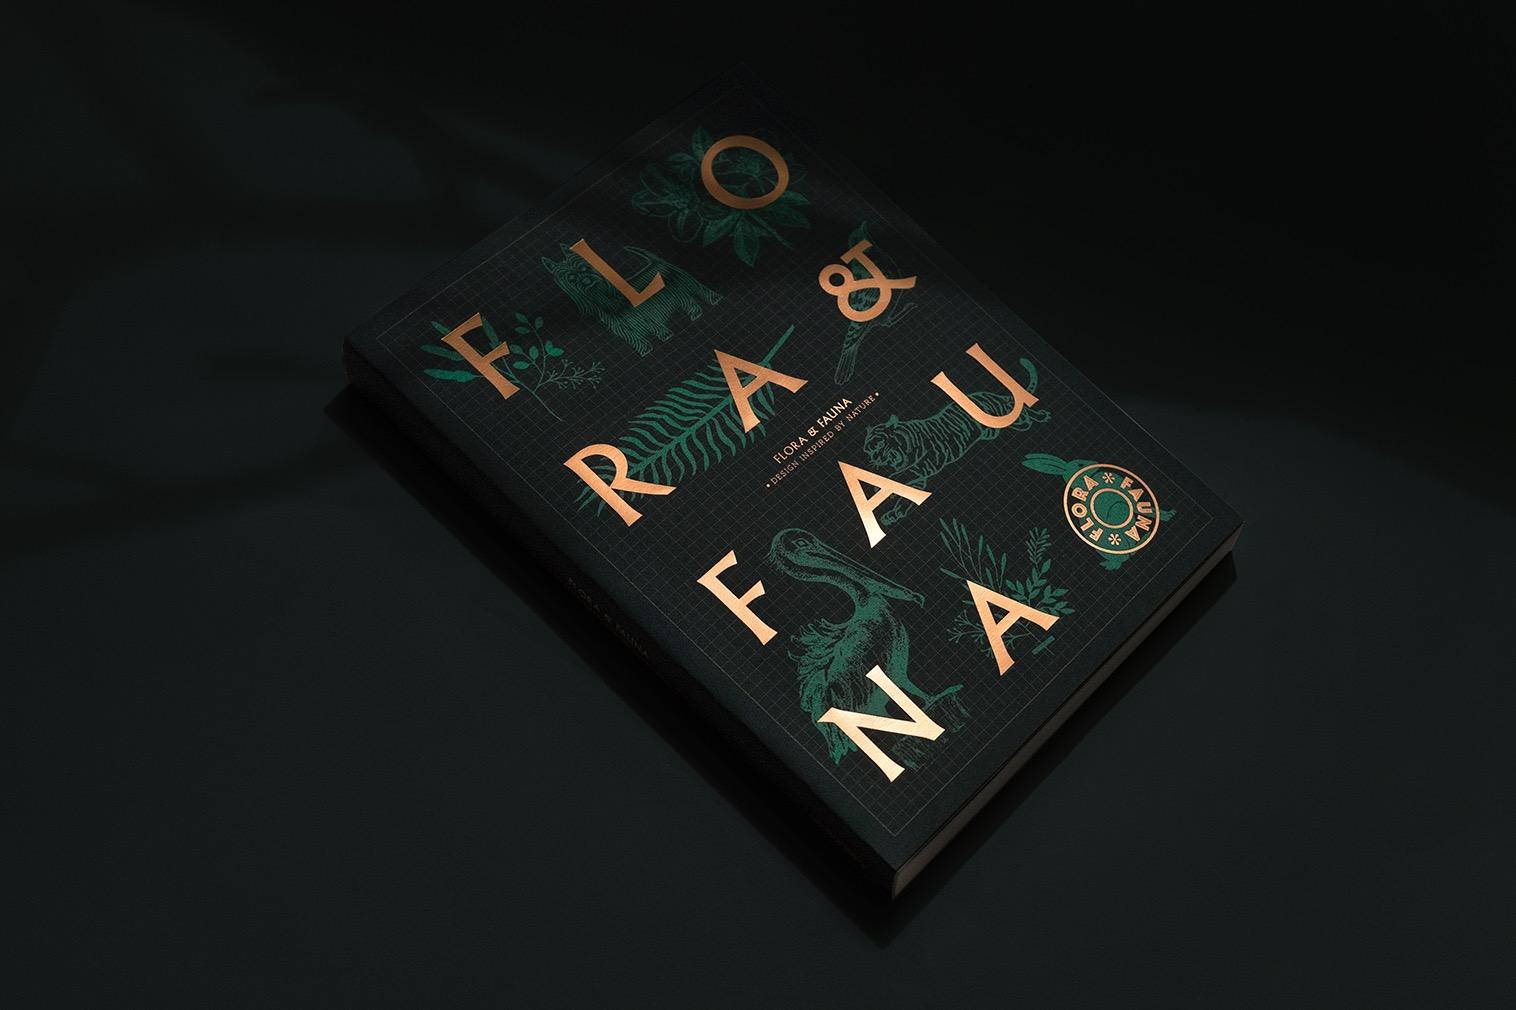 Un libro dedicato alla grafica ispirata alla natura